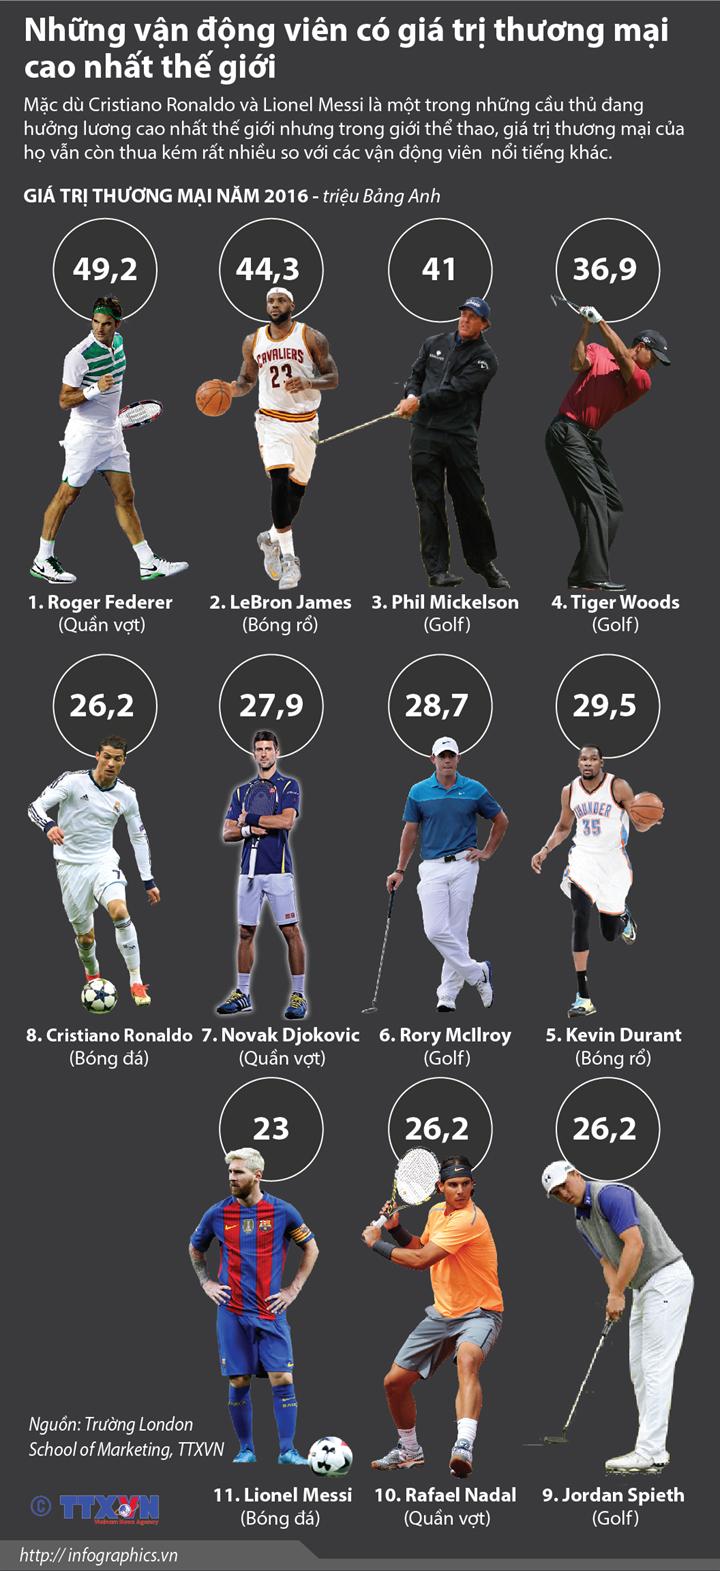 Những vận động viên có giá trị thương mại cao nhất thế giới